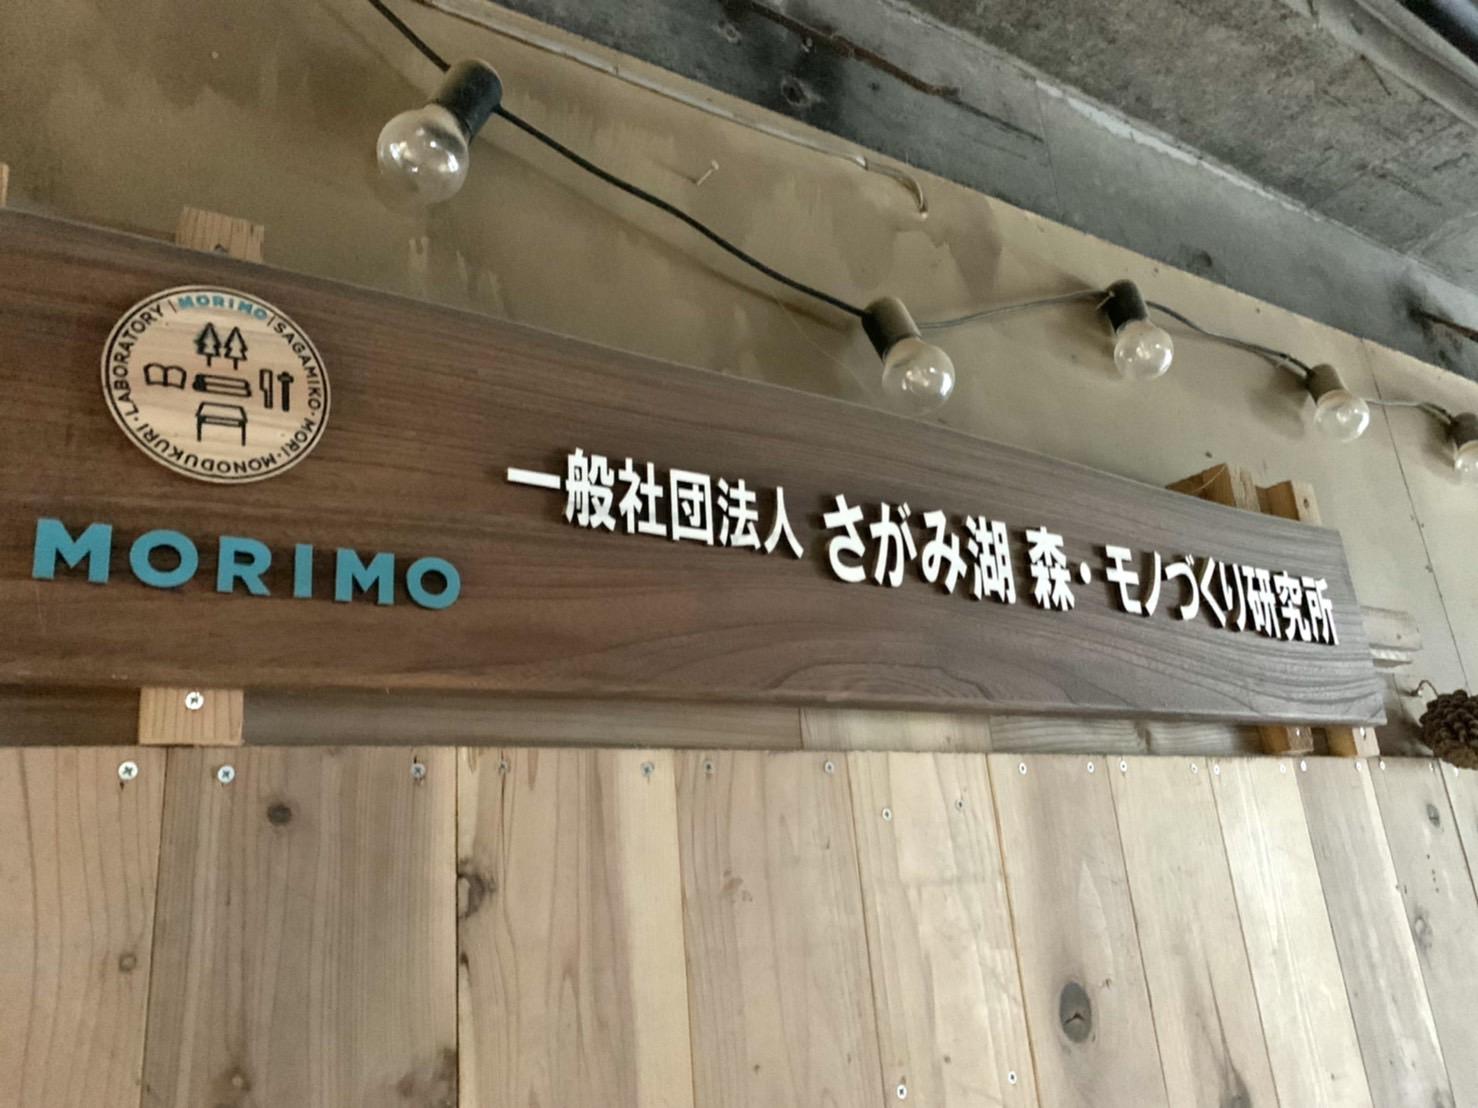 MORIMOさんと打ち合わせ